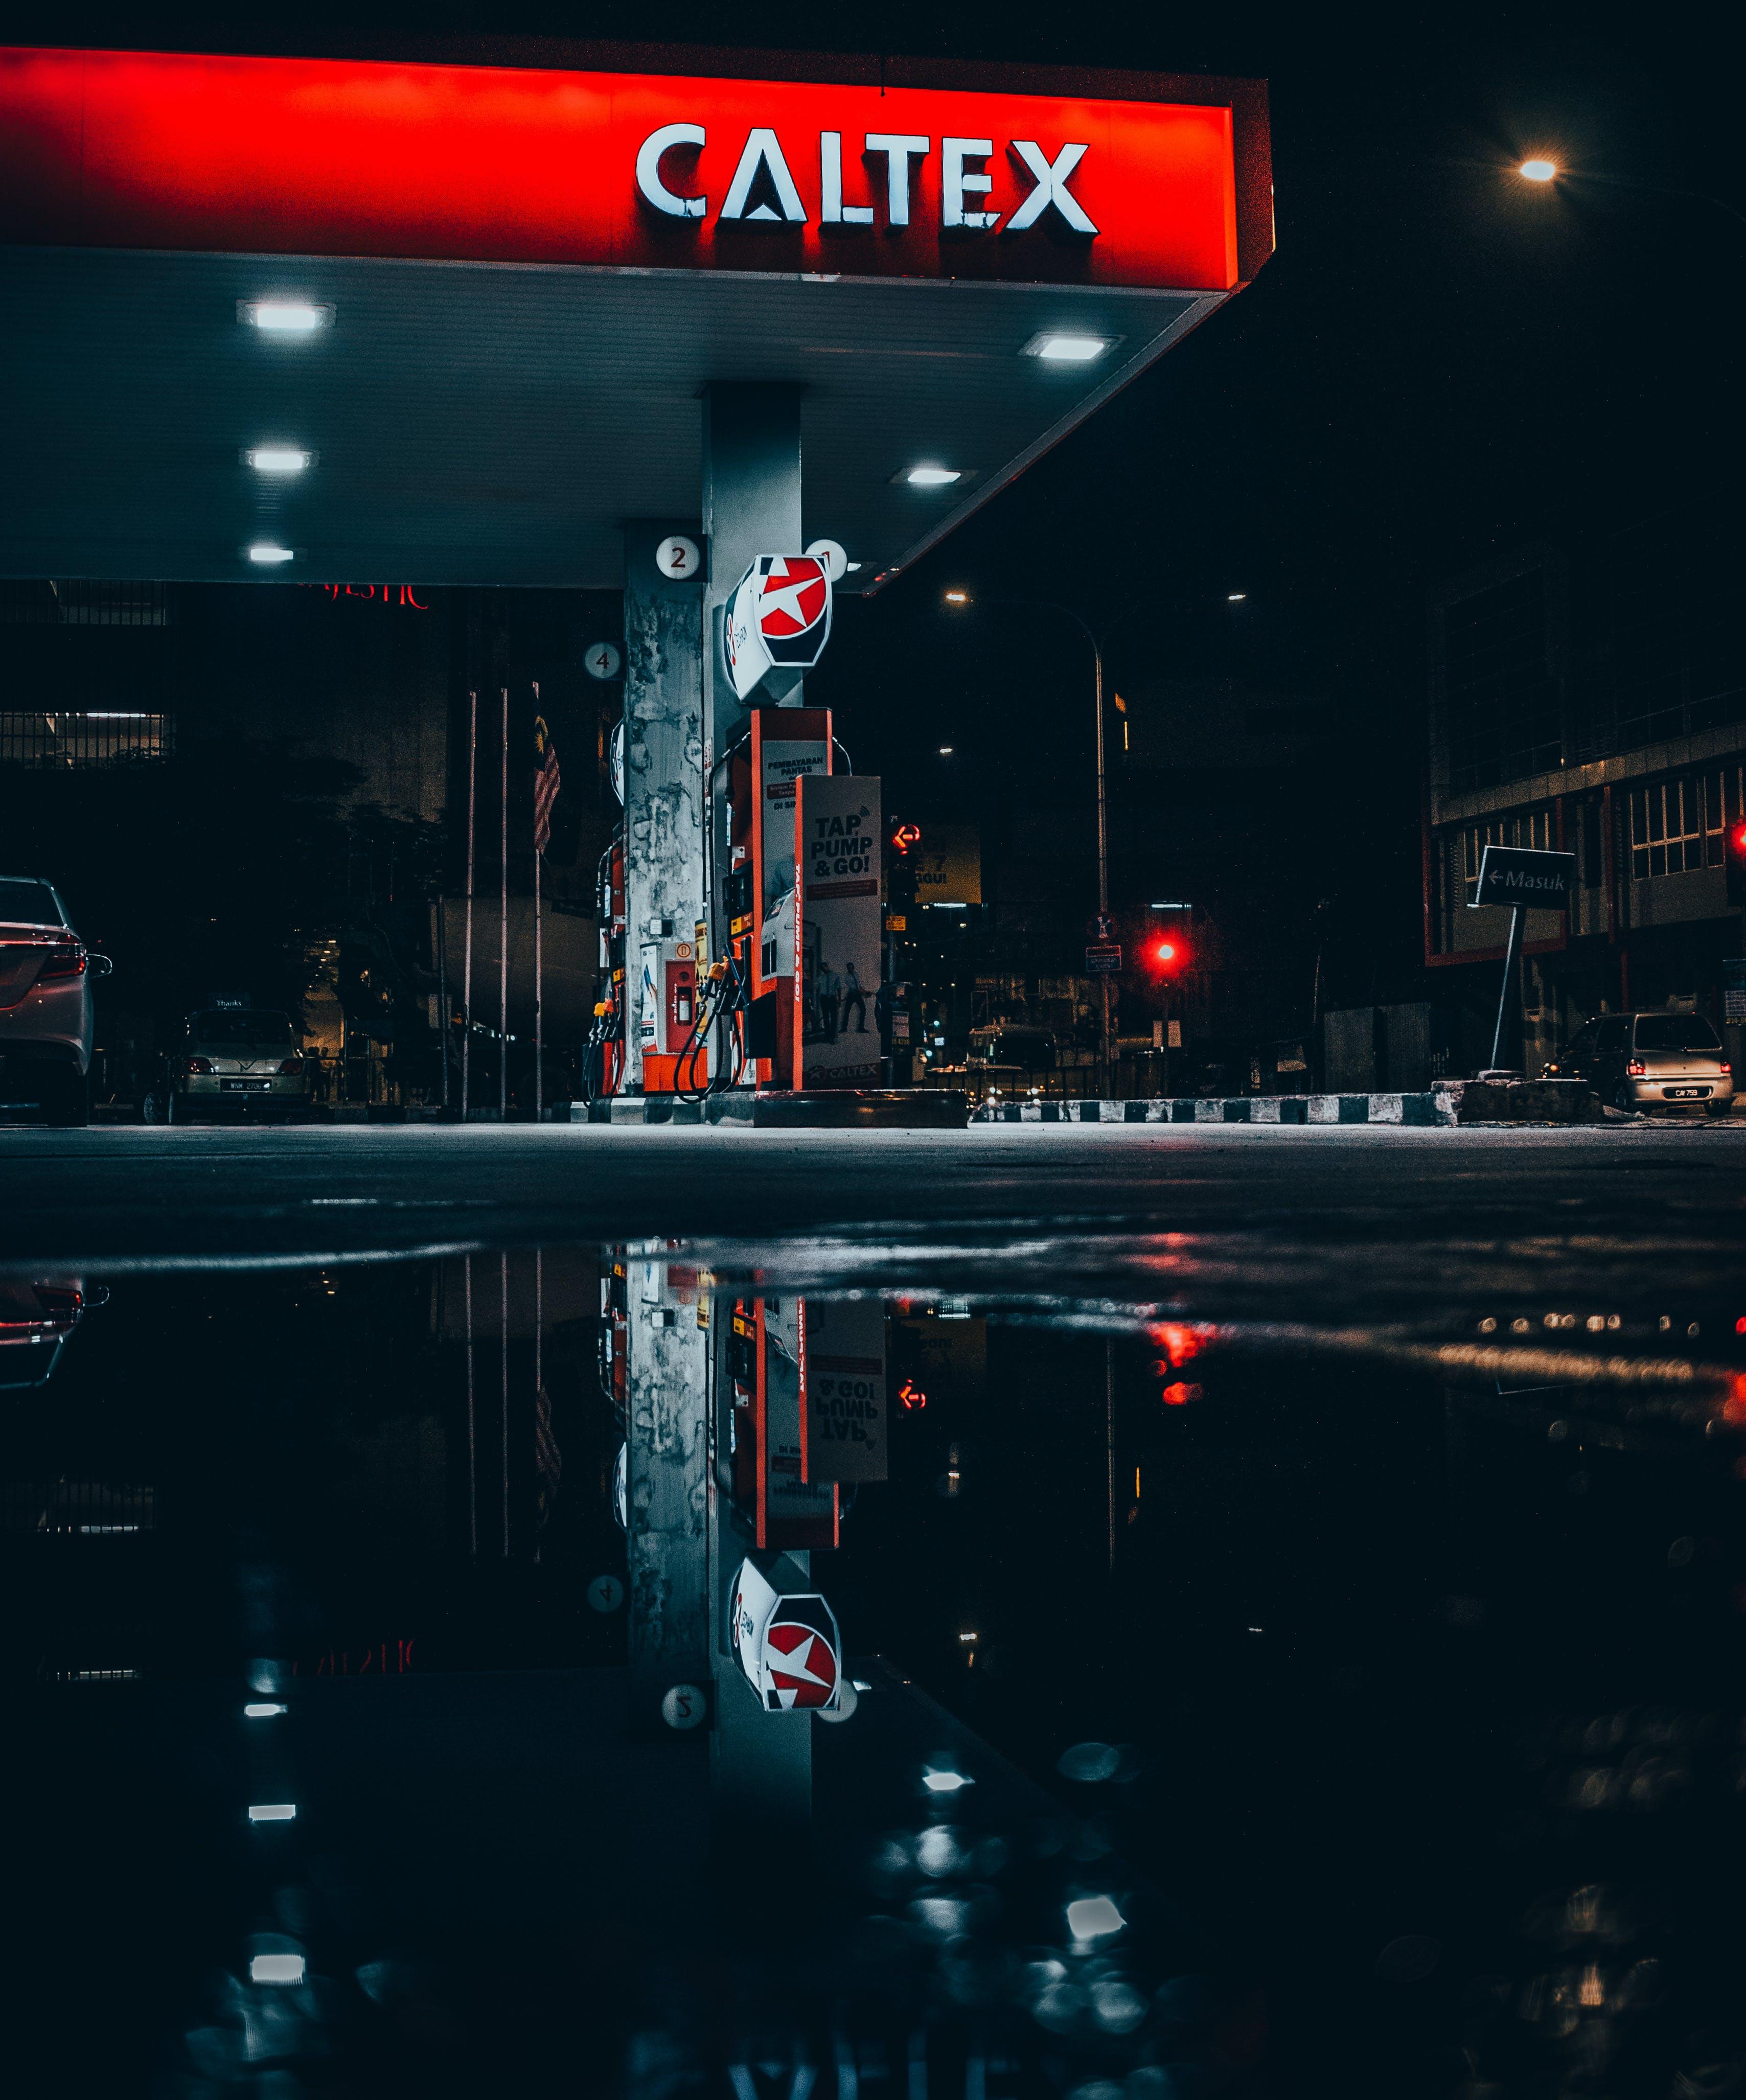 Caltex Gasoline Station